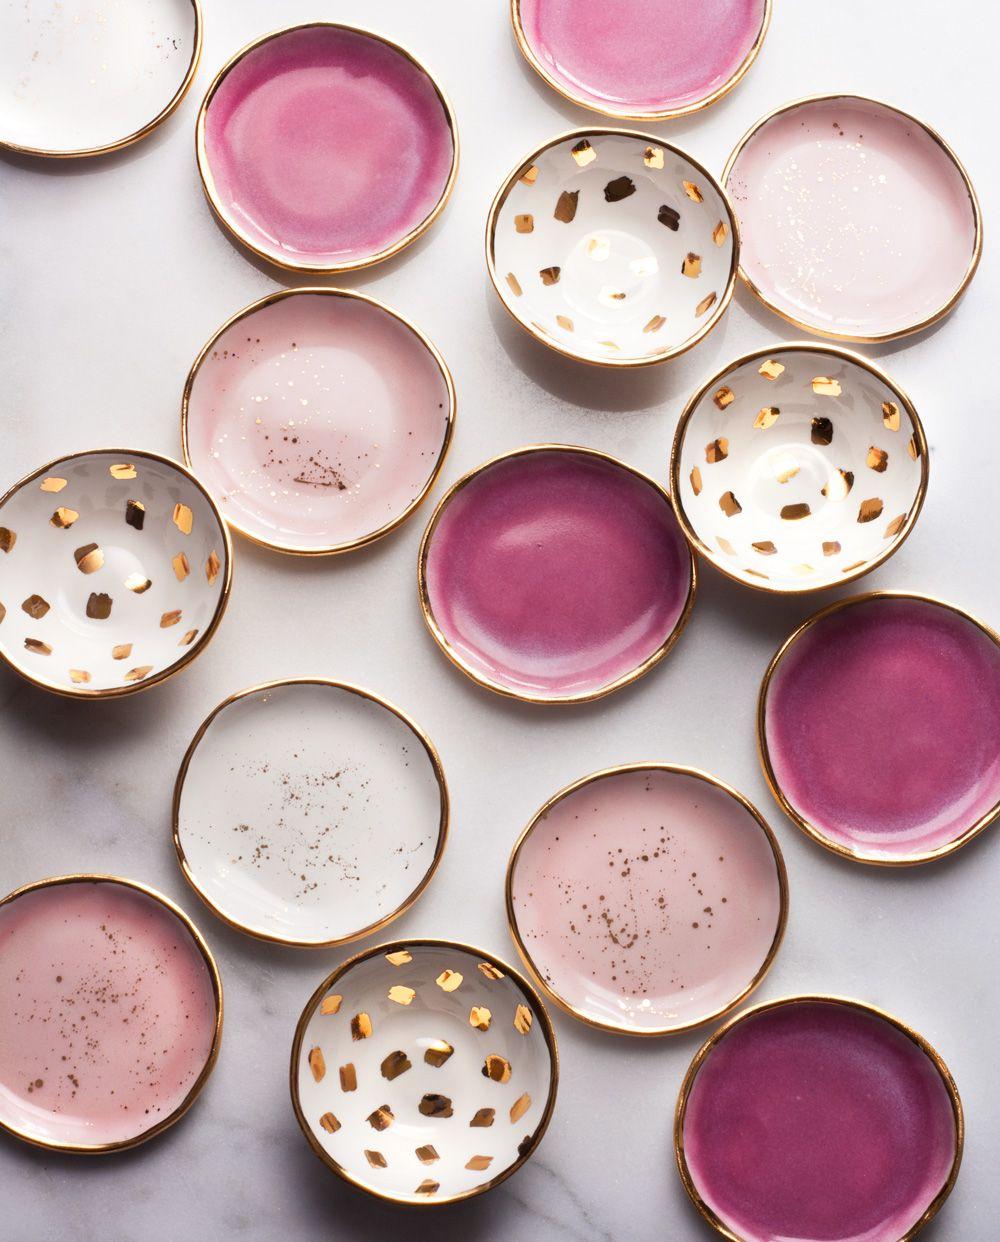 24 der zartesten Keramik, die Sie jemals gesehen haben #nageldesign #teller #diycrafts #dynastie960 #songdynastie #potterypaintingdesigns